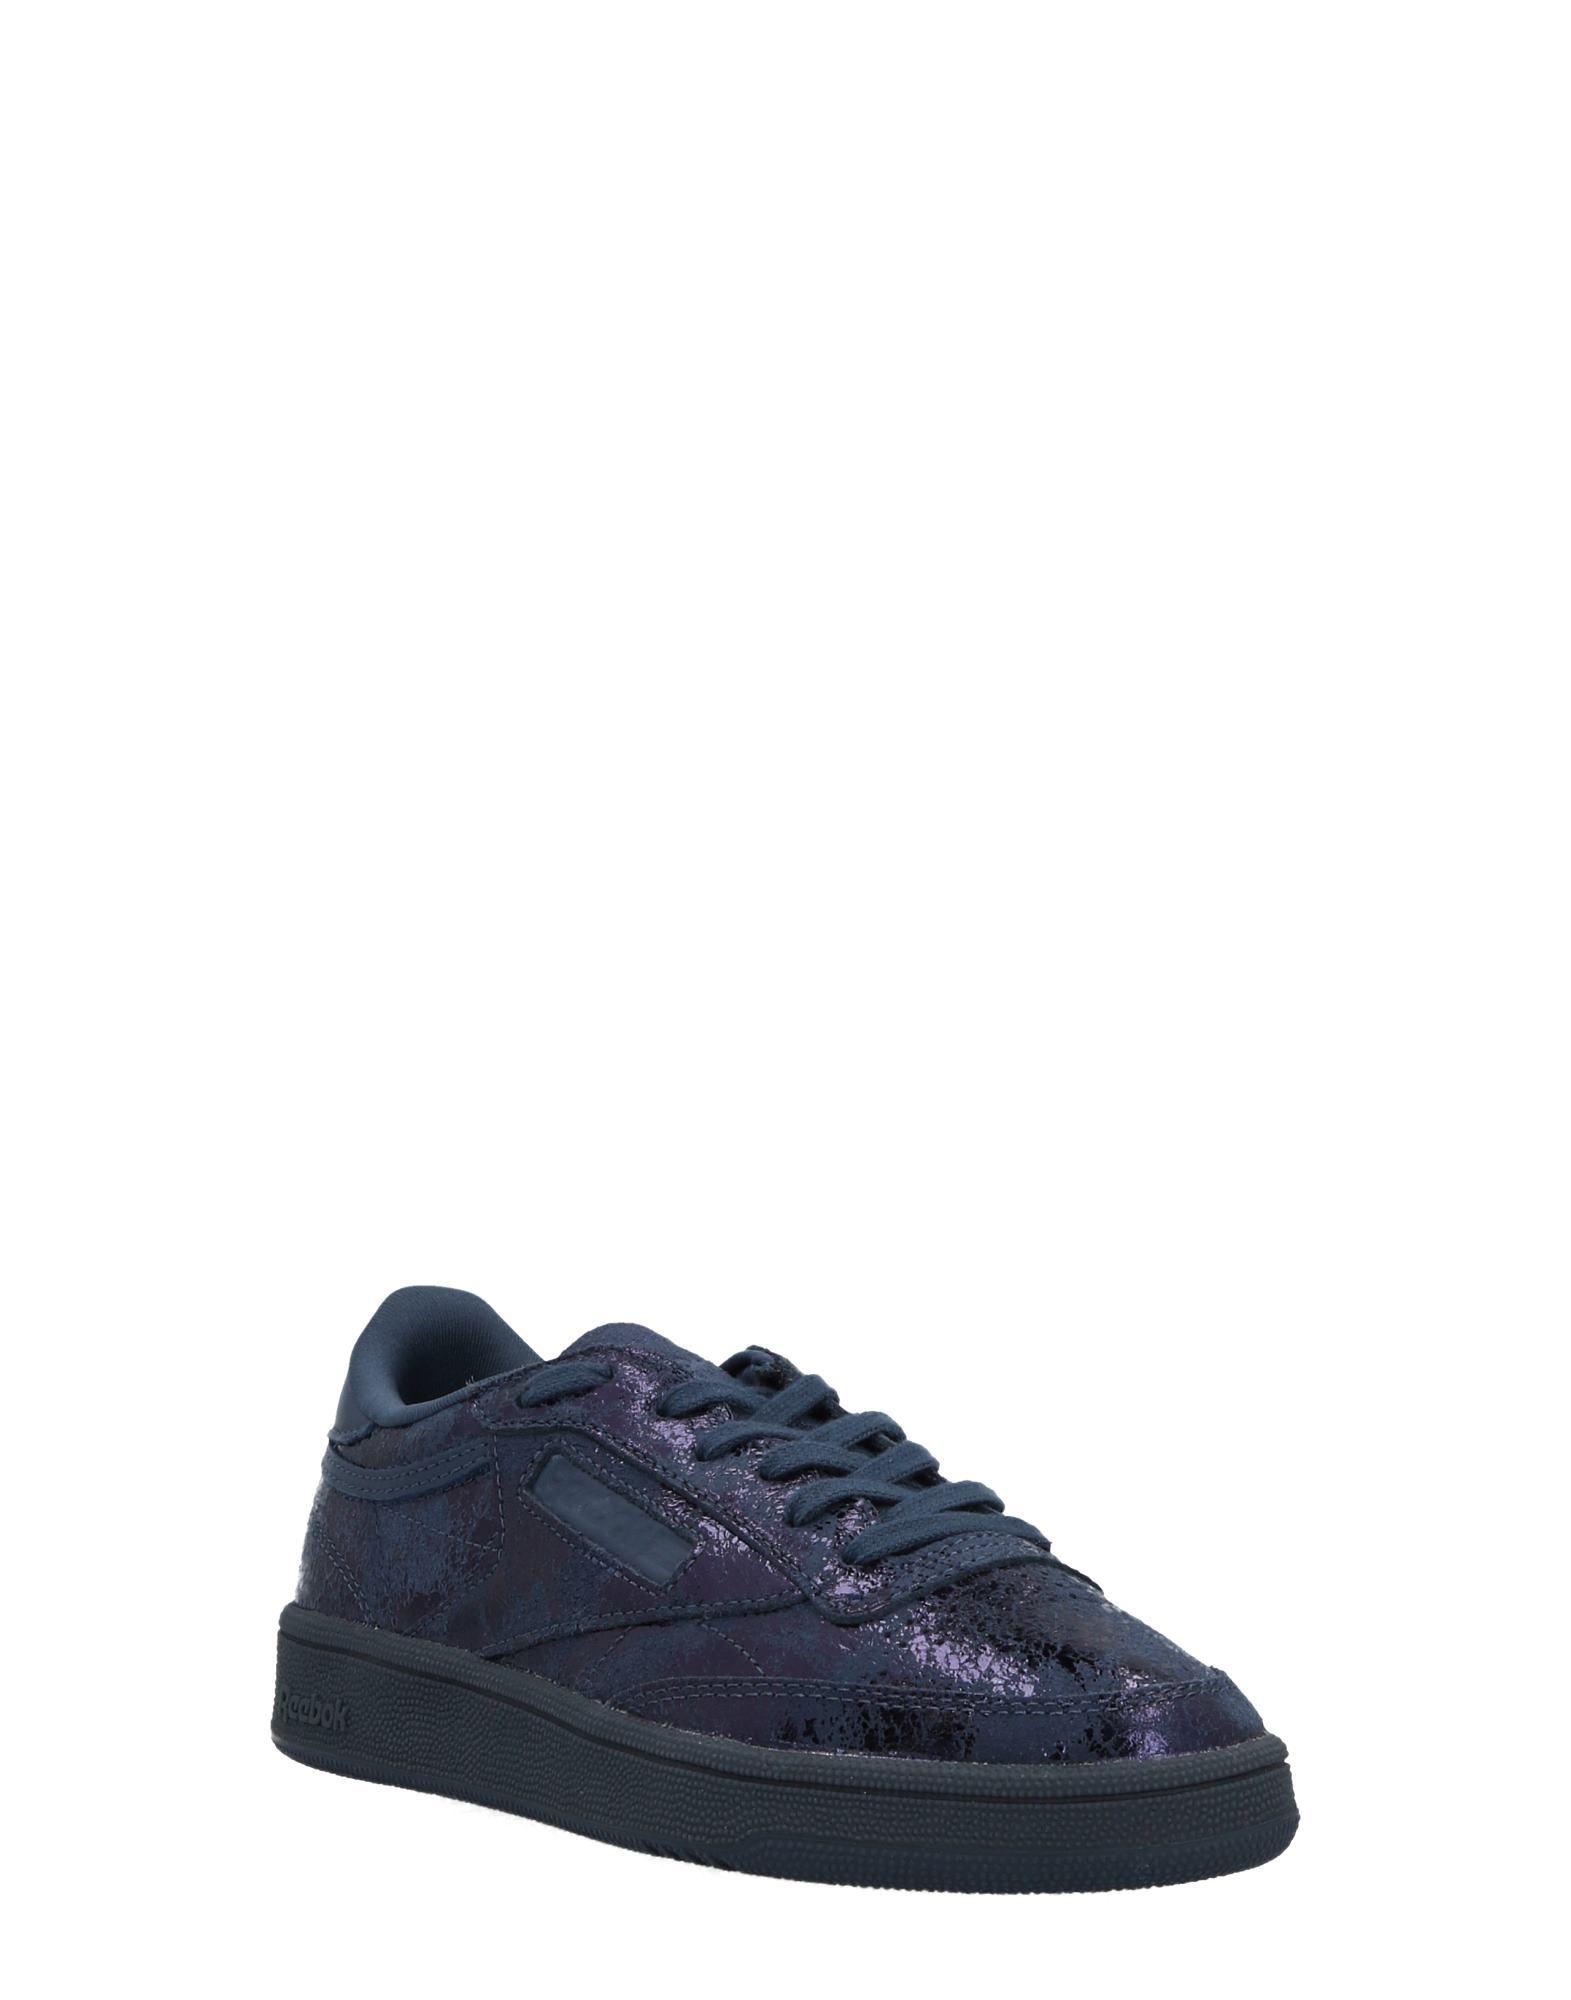 Reebok Sneakers Damen  11508800CI Schuhe Gute Qualität beliebte Schuhe 11508800CI 99304d